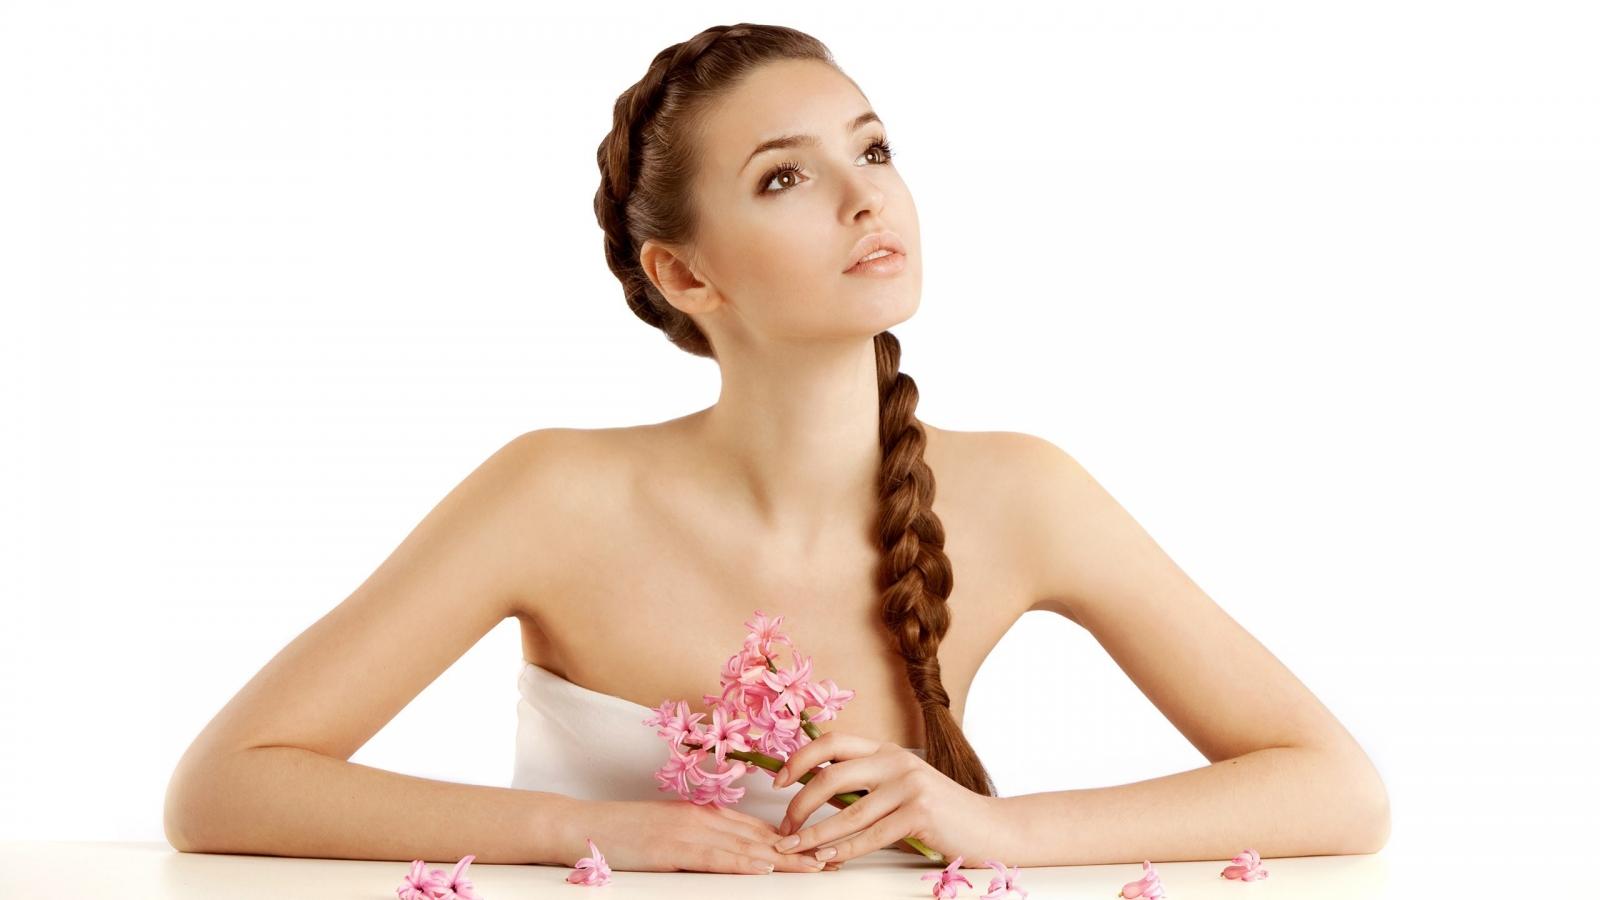 Lindo peinado para novia - 1600x900